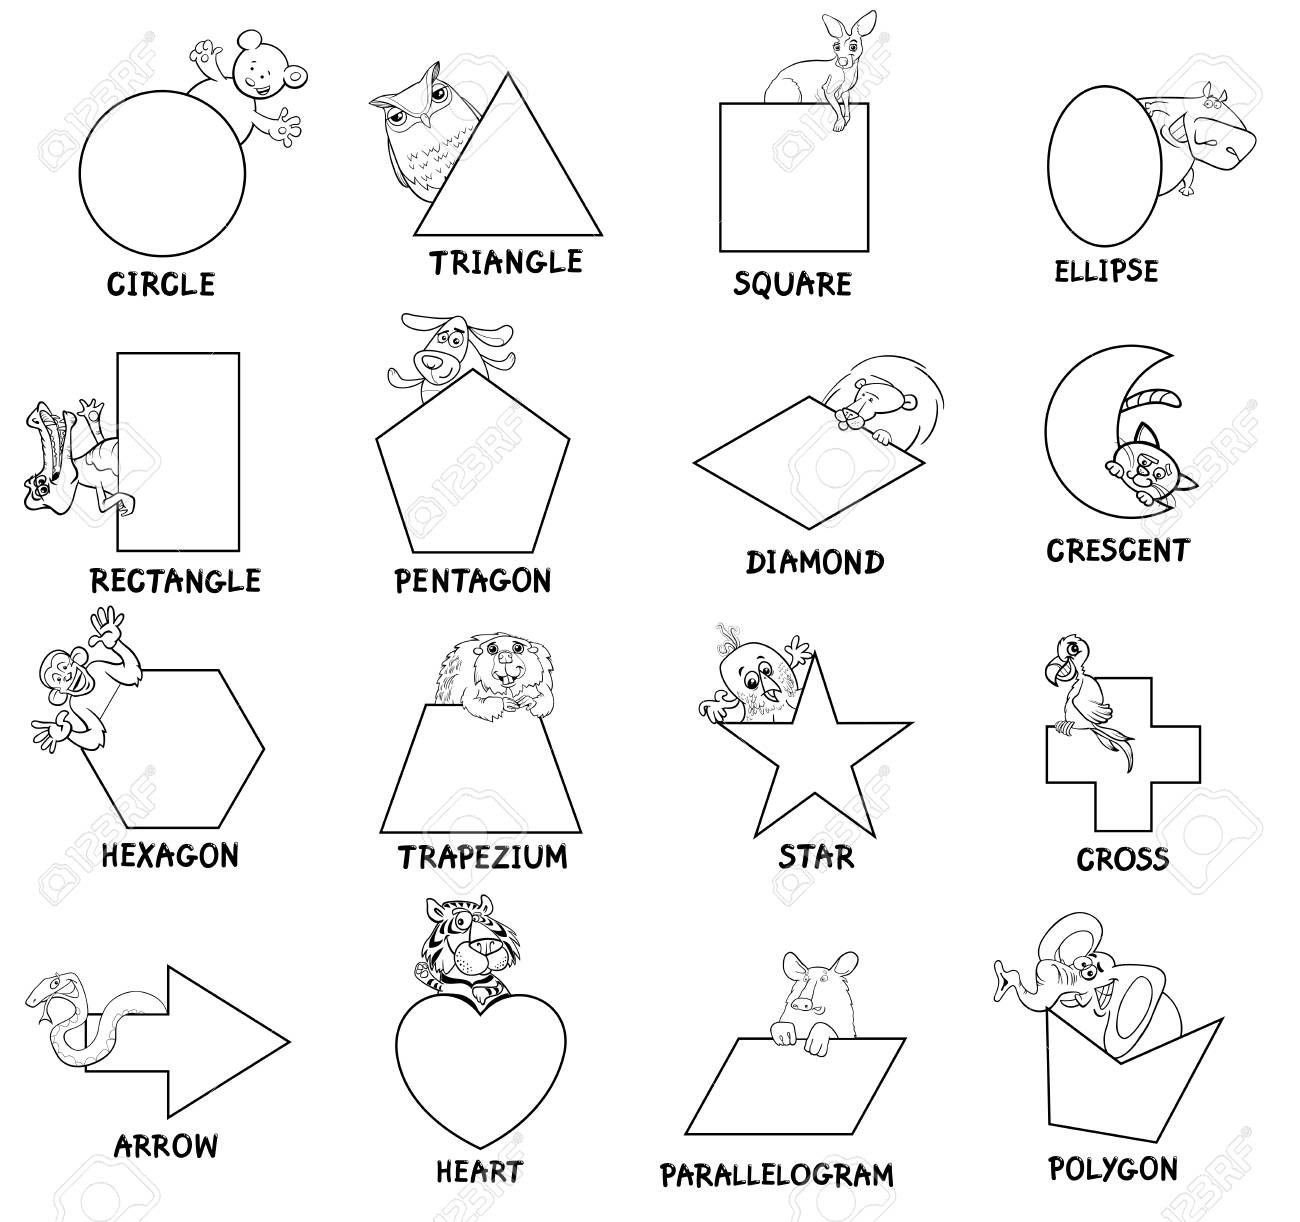 Ilustración De Dibujos Animados Educativa De Formas Geométricas Básicas Con Los Niños Y Los Animales Caracteres Para Niños